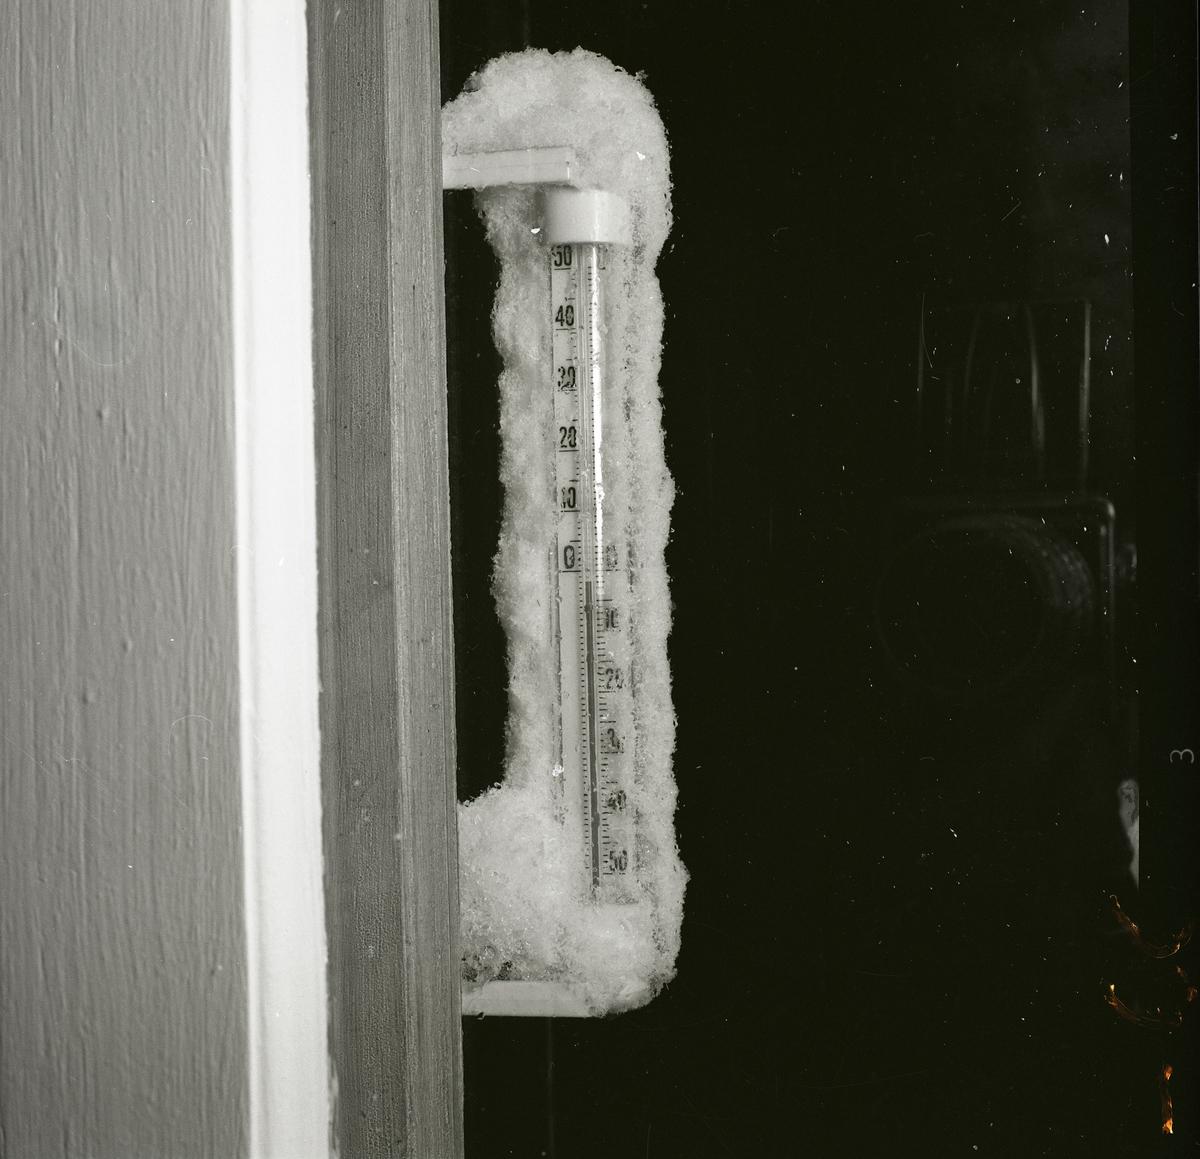 Översnöad utetermometer som visar några minusgrader, 1962.